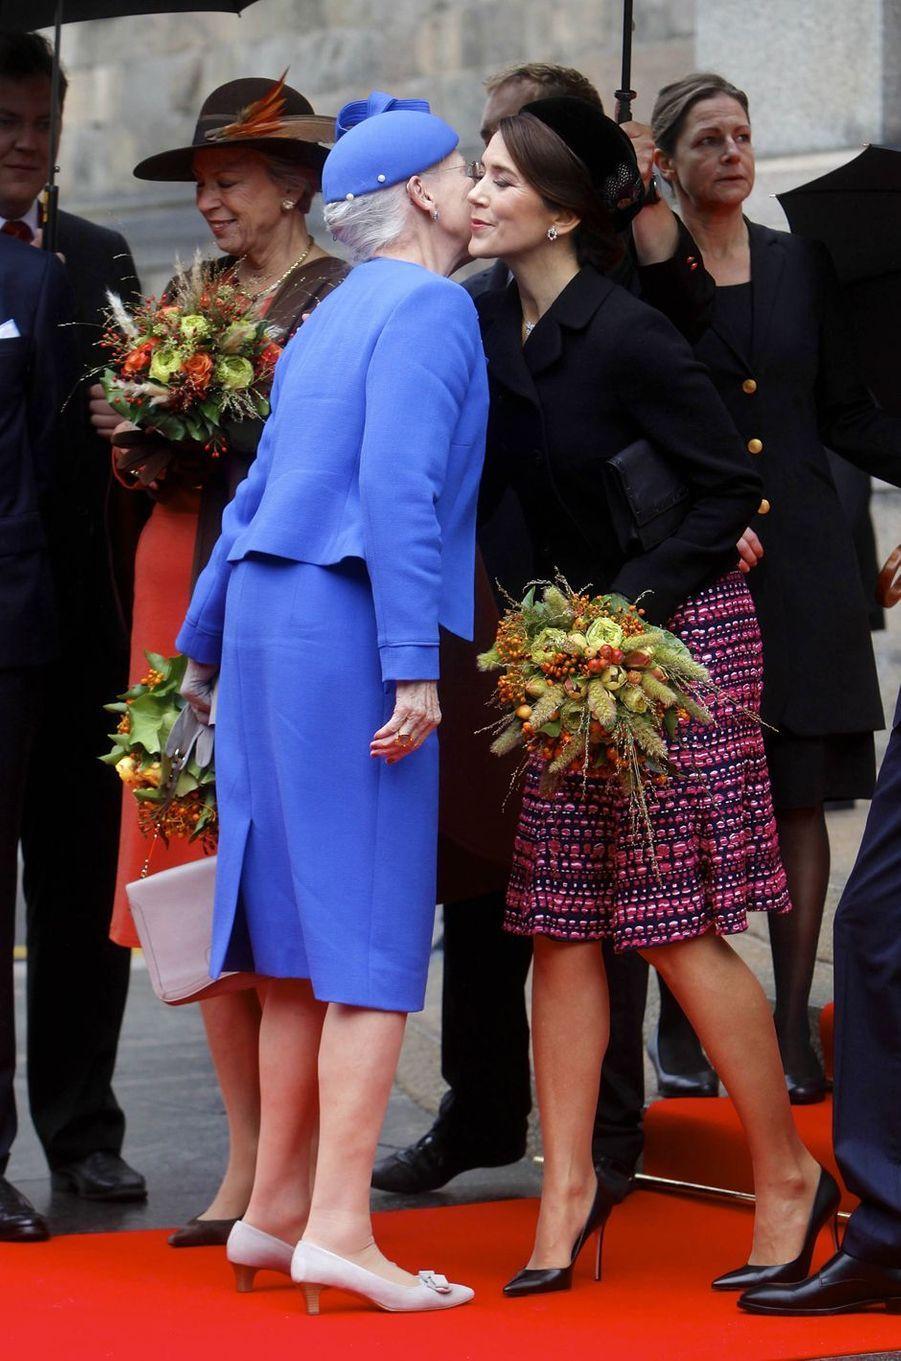 La reine Margrethe II de Danemark et la princesse Mary à Copenhague, le 2 octobre 2018